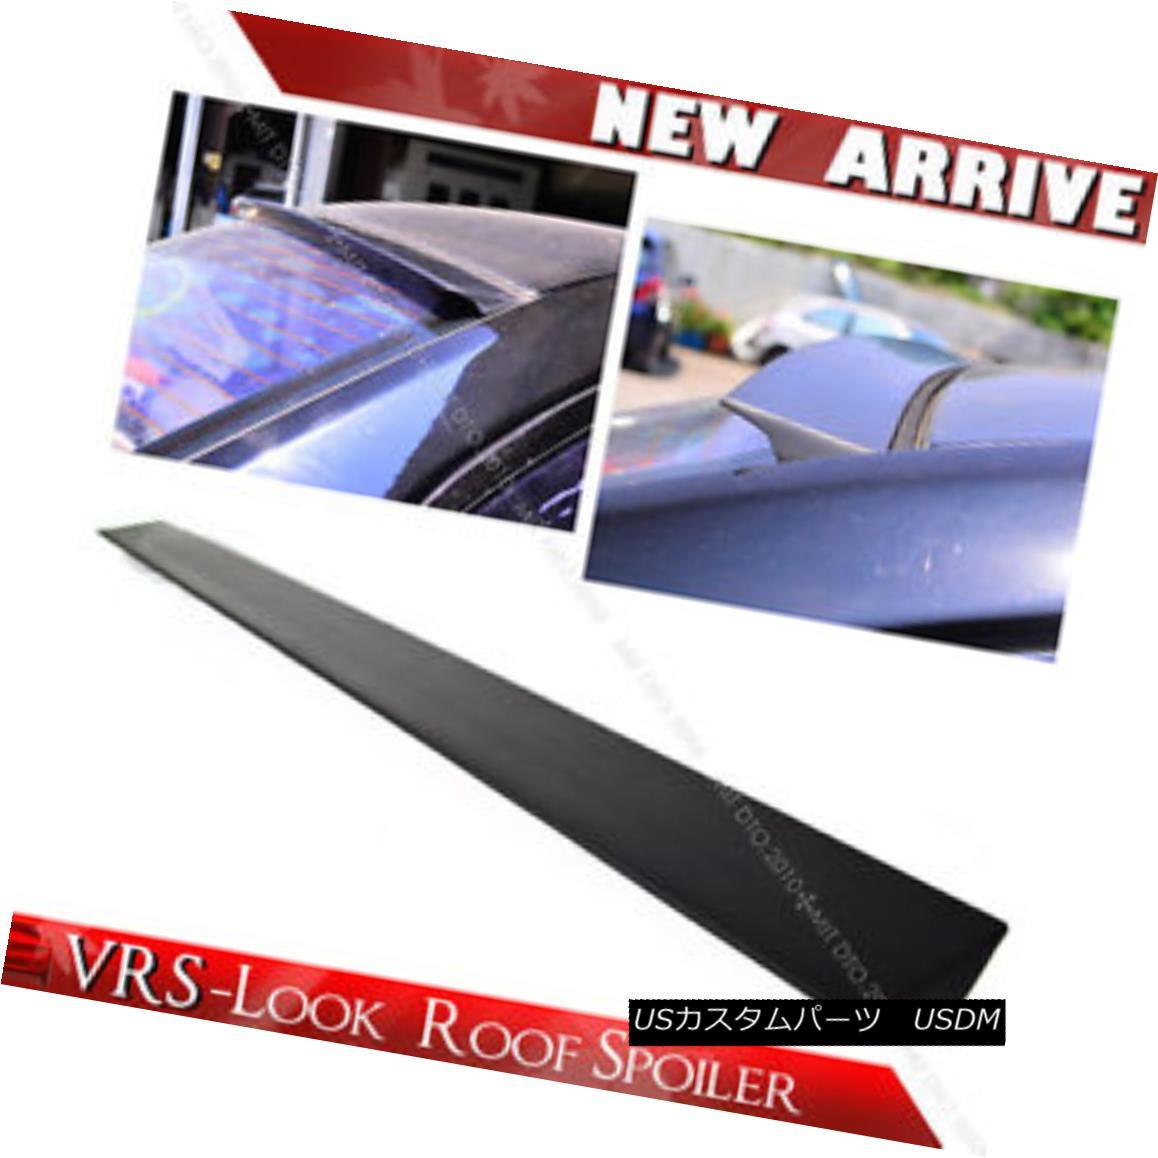 エアロパーツ Unpainted 11-16 For BMW 6-Series F13 Coupe VRS-Style Window Roof Lip Spoiler 未塗装11-16 BMW 6シリーズF13クーペ用VRSスタイル窓ルーフ・リップ・スポイラー